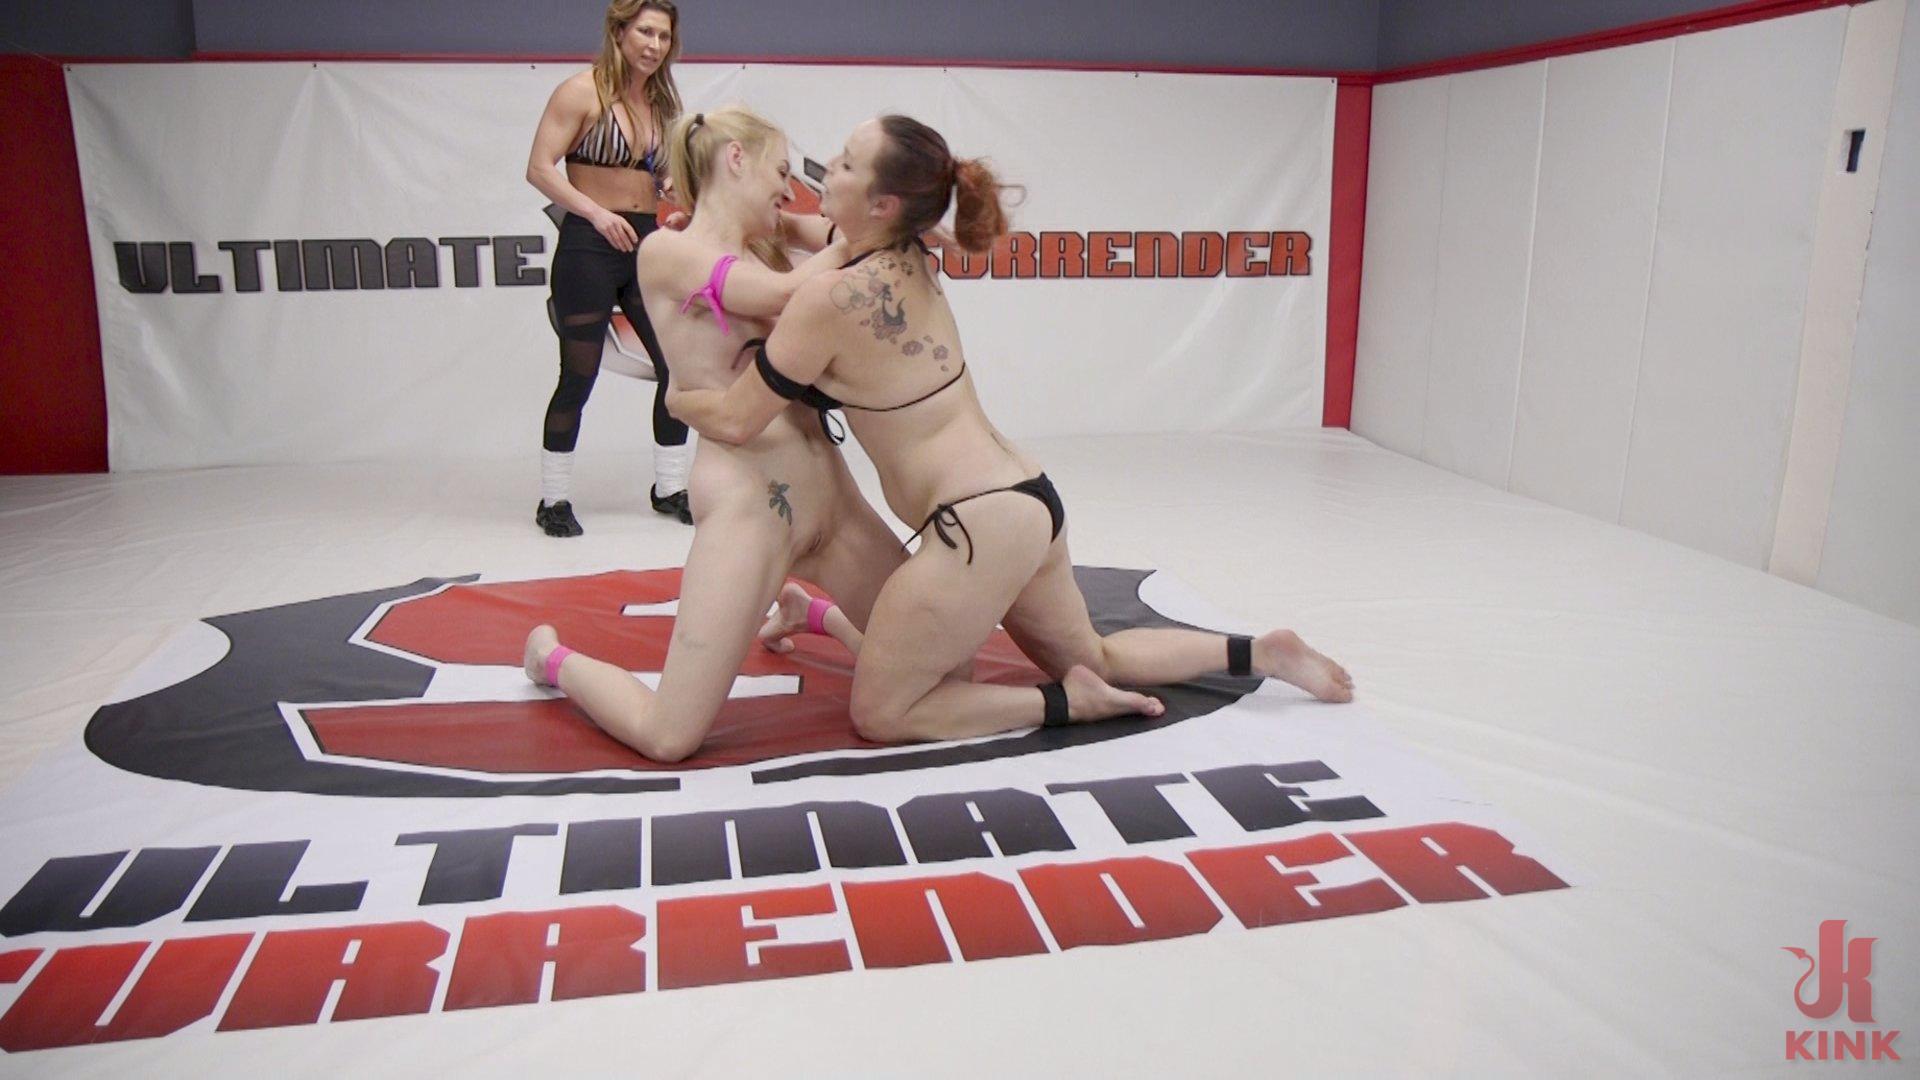 Photo number 5 from Bella Rossi vs Delirious Hunter shot for Ultimate Surrender on Kink.com. Featuring Delirious Hunter and Bella Rossi in hardcore BDSM & Fetish porn.